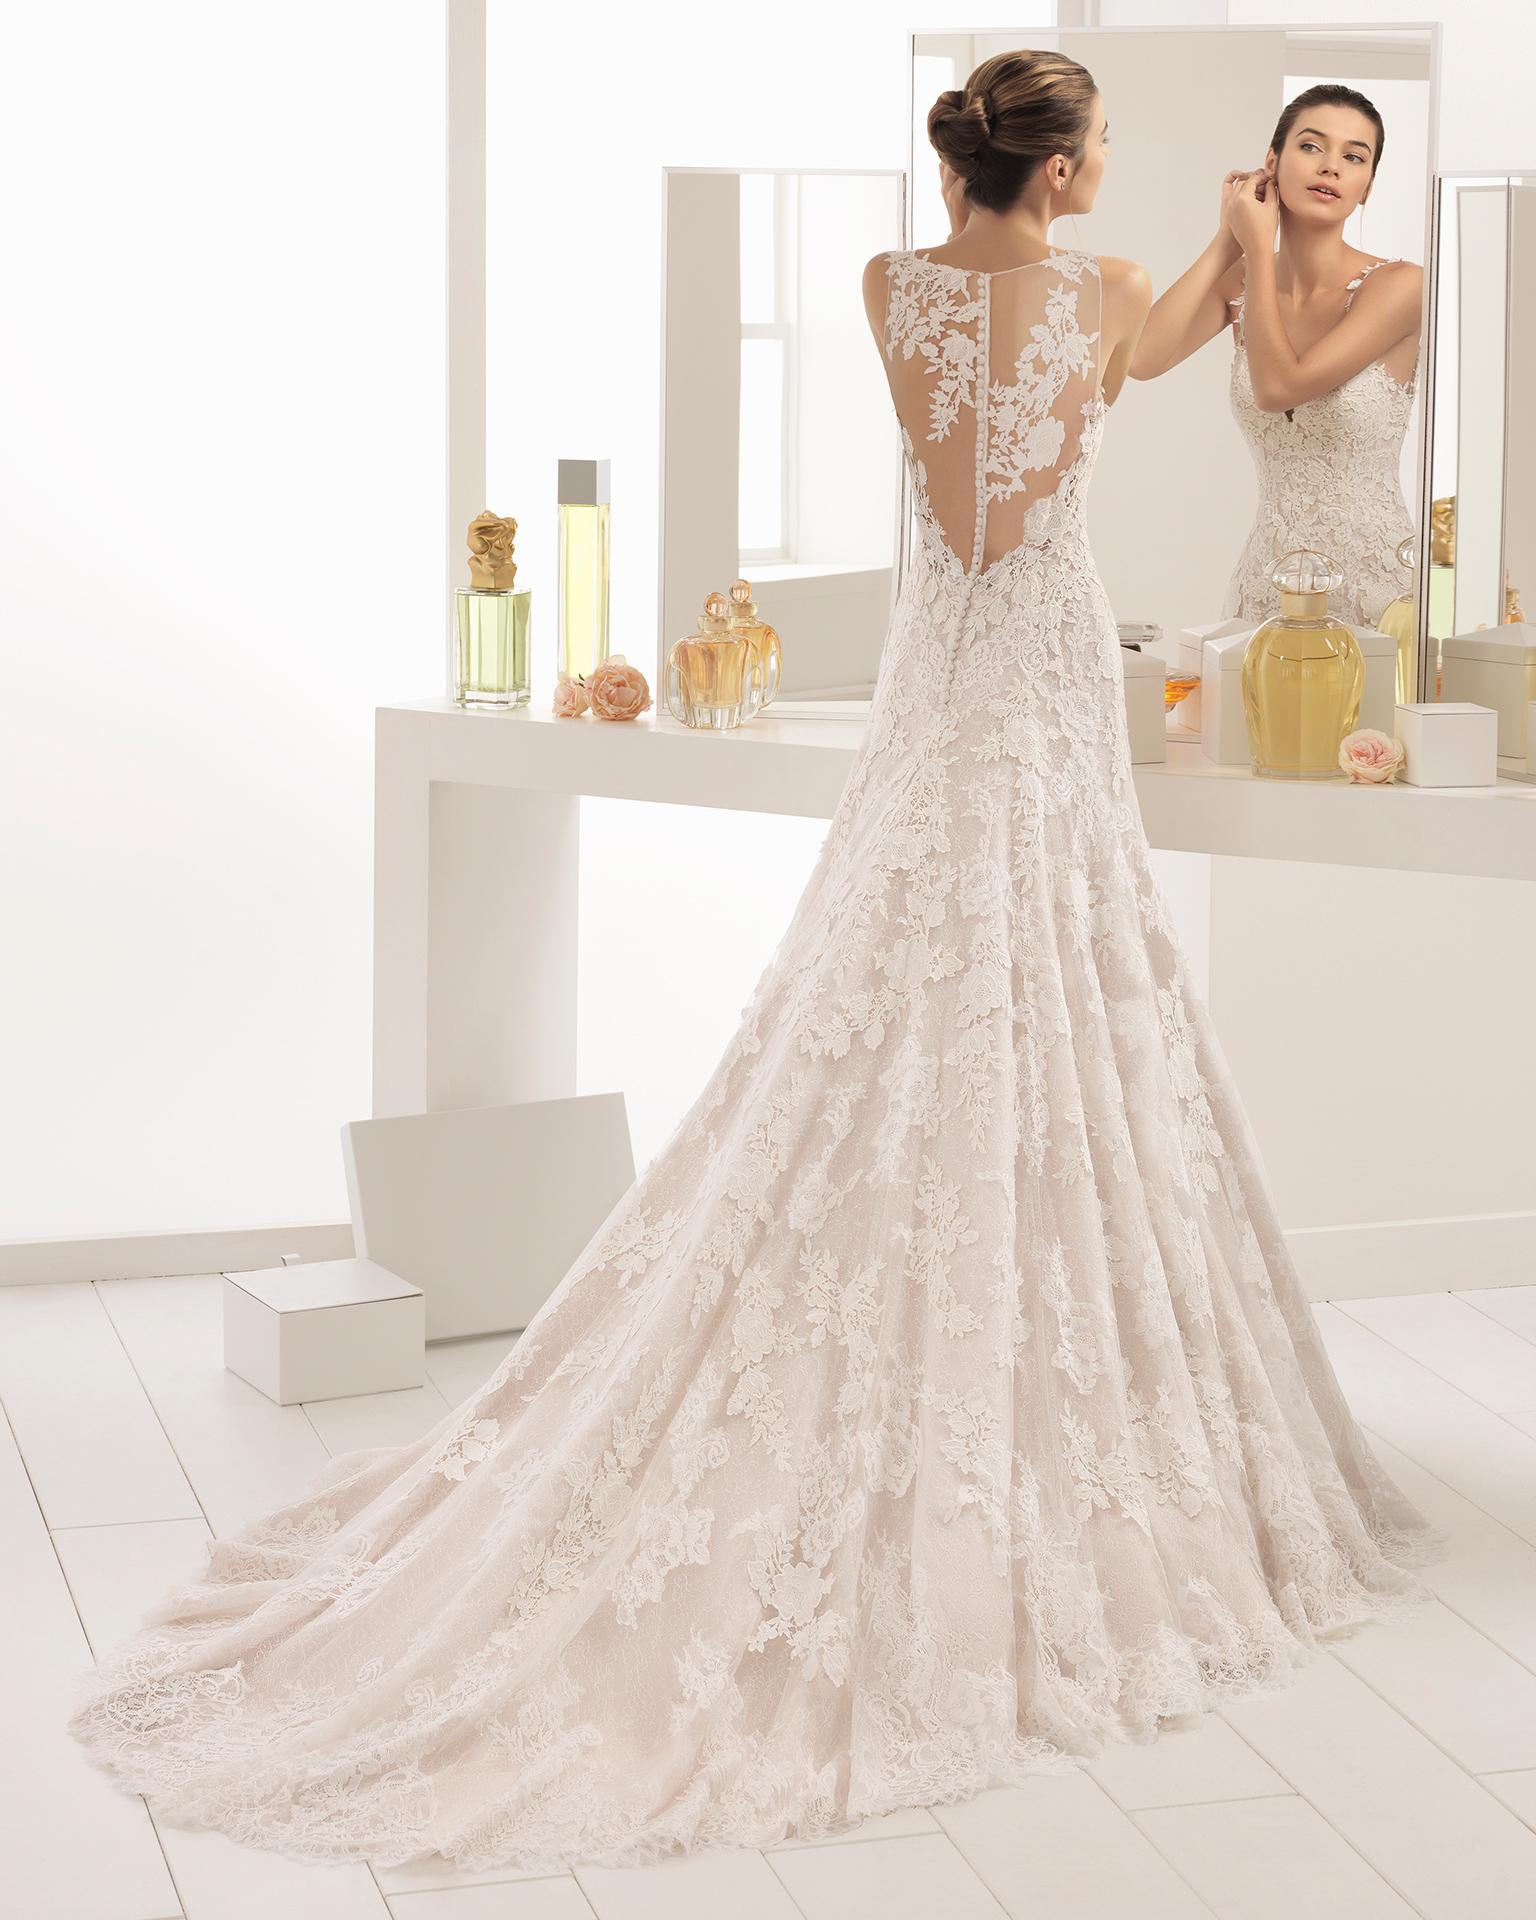 فستان زفاف ذو تصميم رومنسي من الدانتيل العادي والدانتيل المخرّم، مع تقويرة رومنسية، باللون الشفّاف والطبيعي.